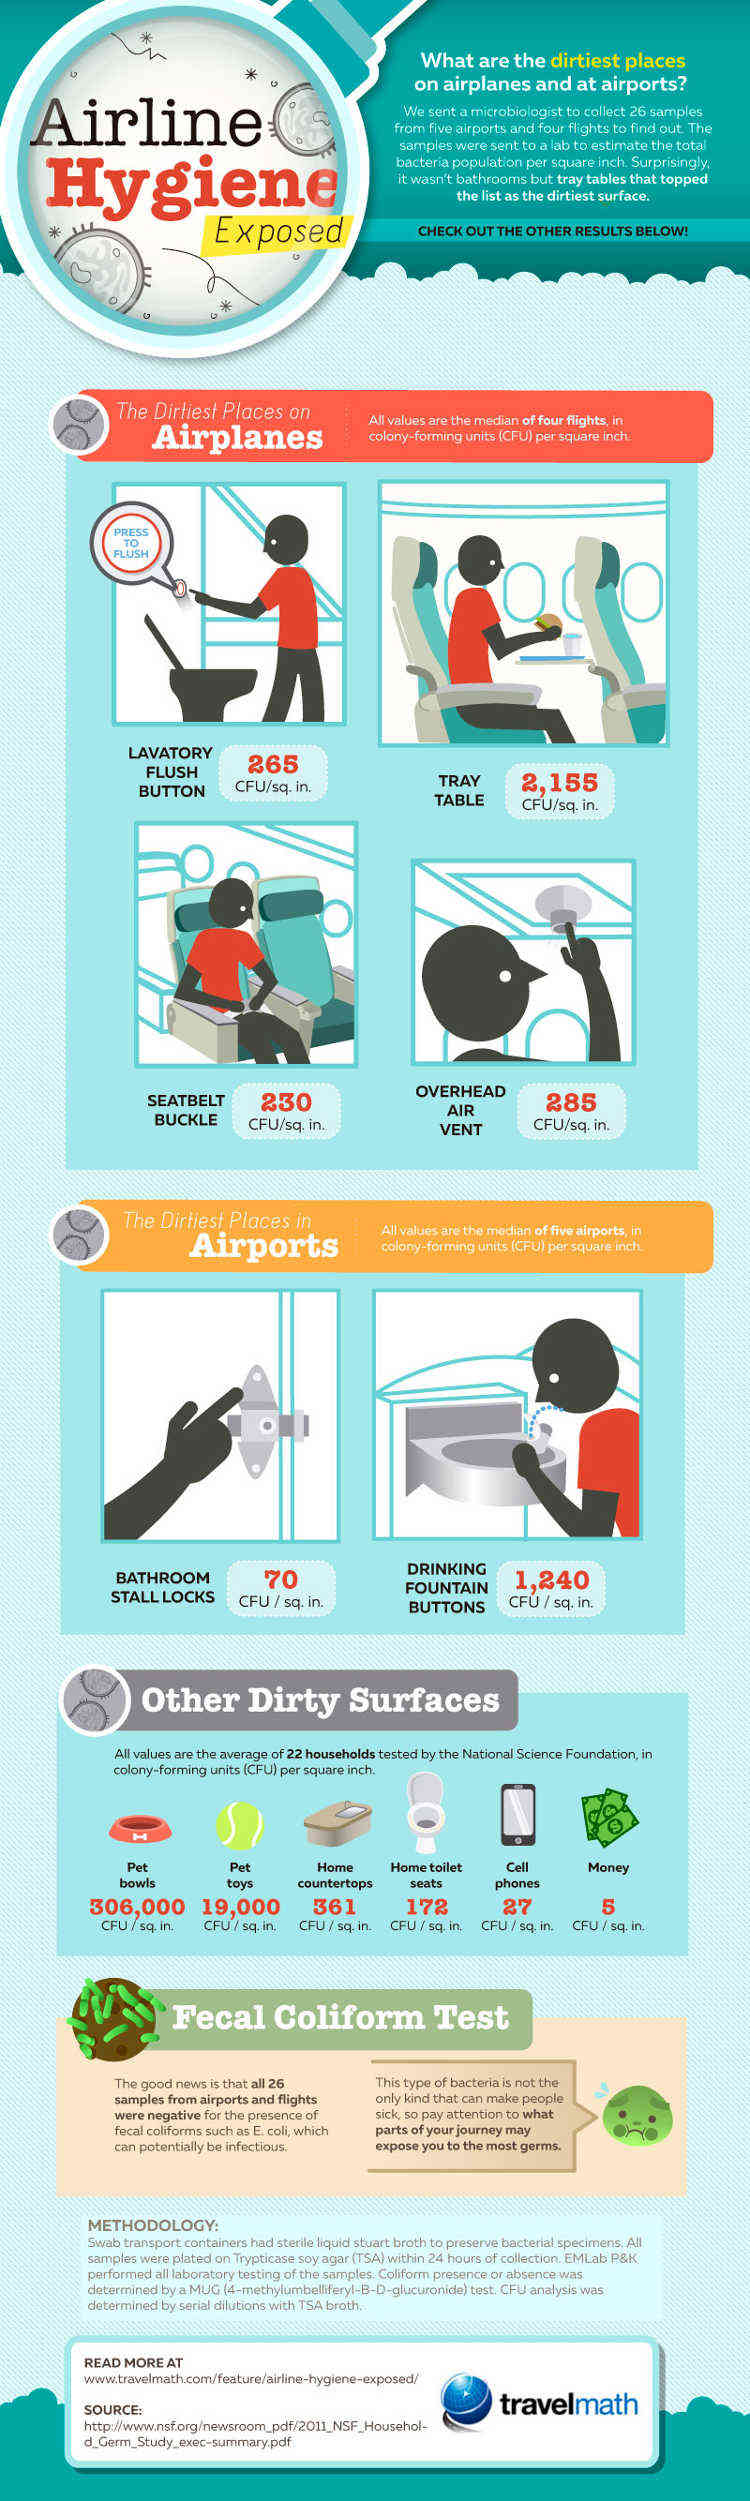 Cuales son sitios mas sucios aviones aeropuertos